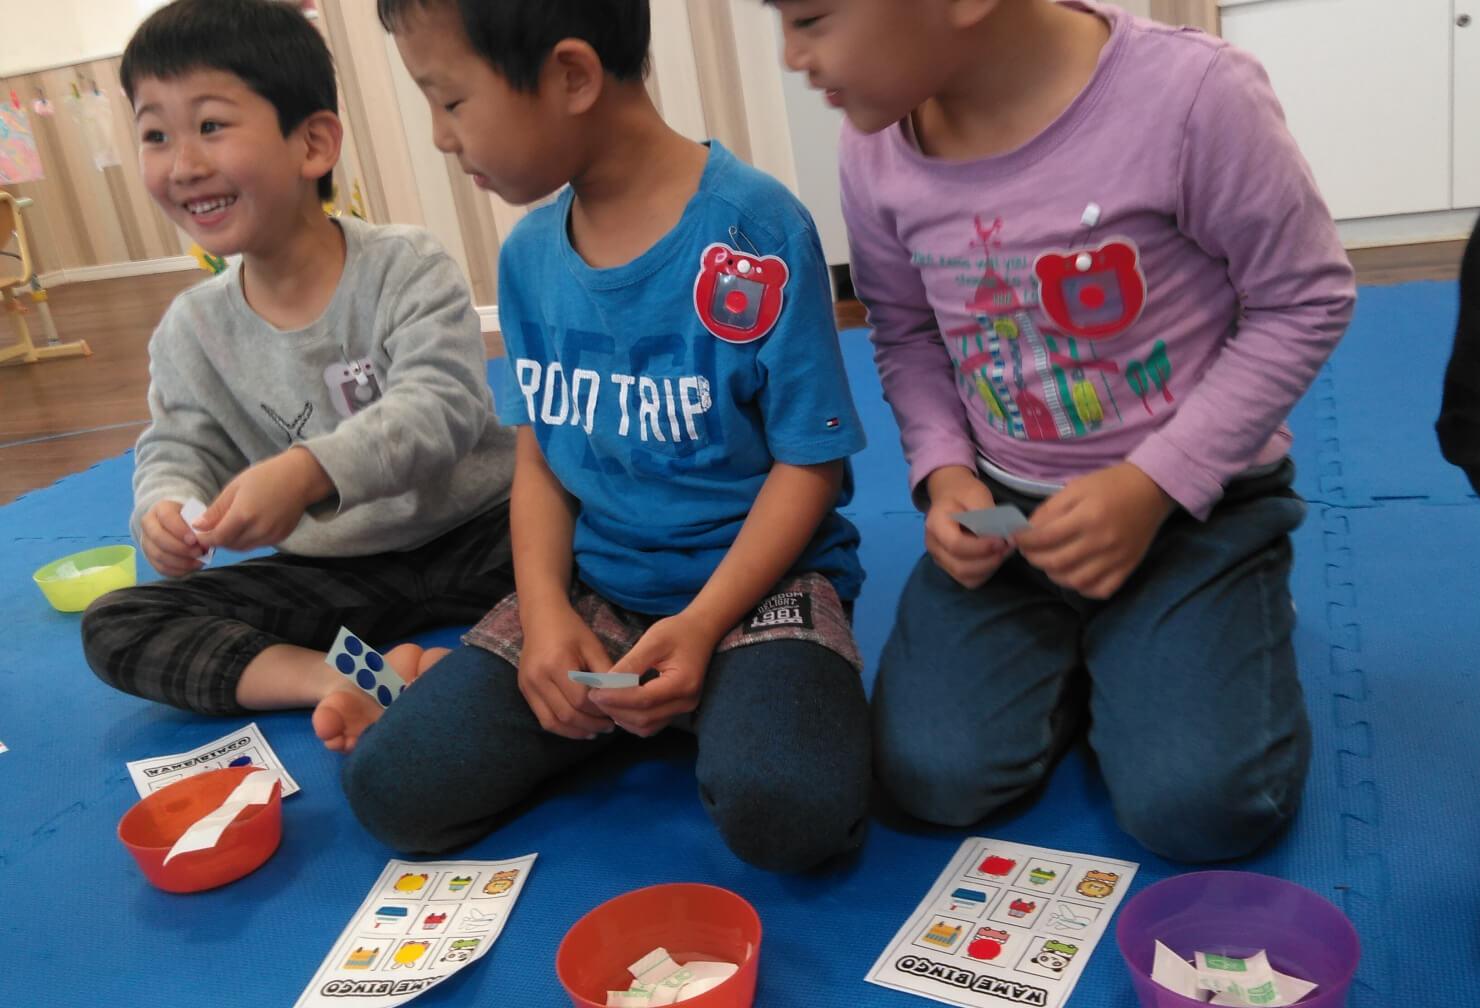 ビンゴカードを作る子どもたち